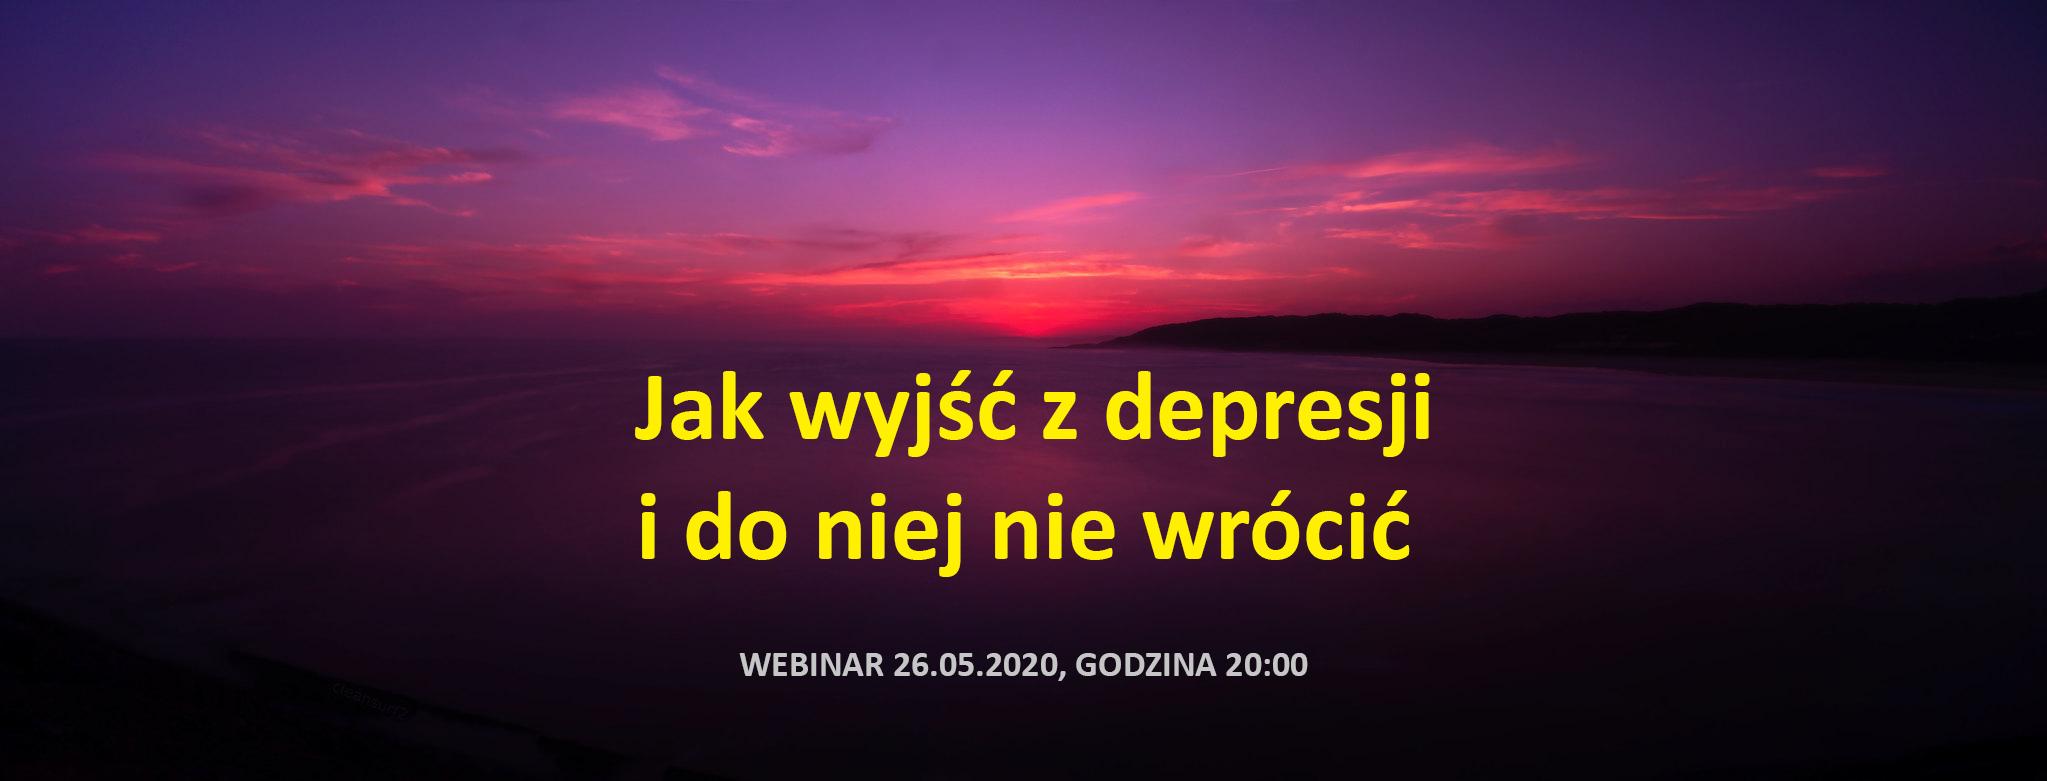 Jak pomóc osobie z depresją? – sunela.eu